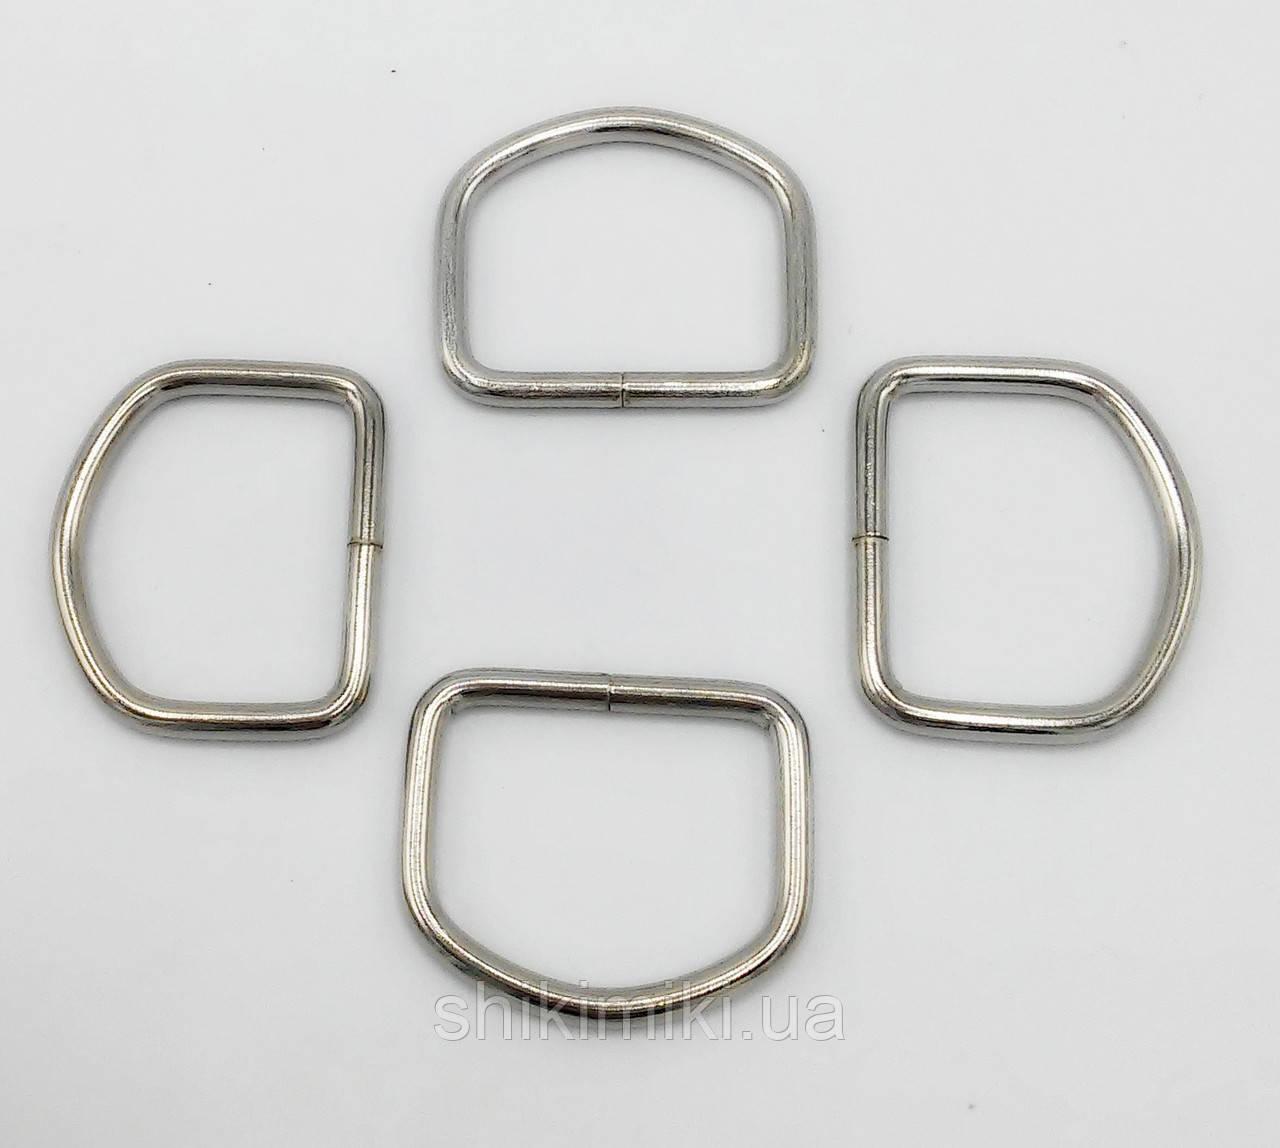 Полукольцо для сумки PK14-1 (30 мм), цвет никель